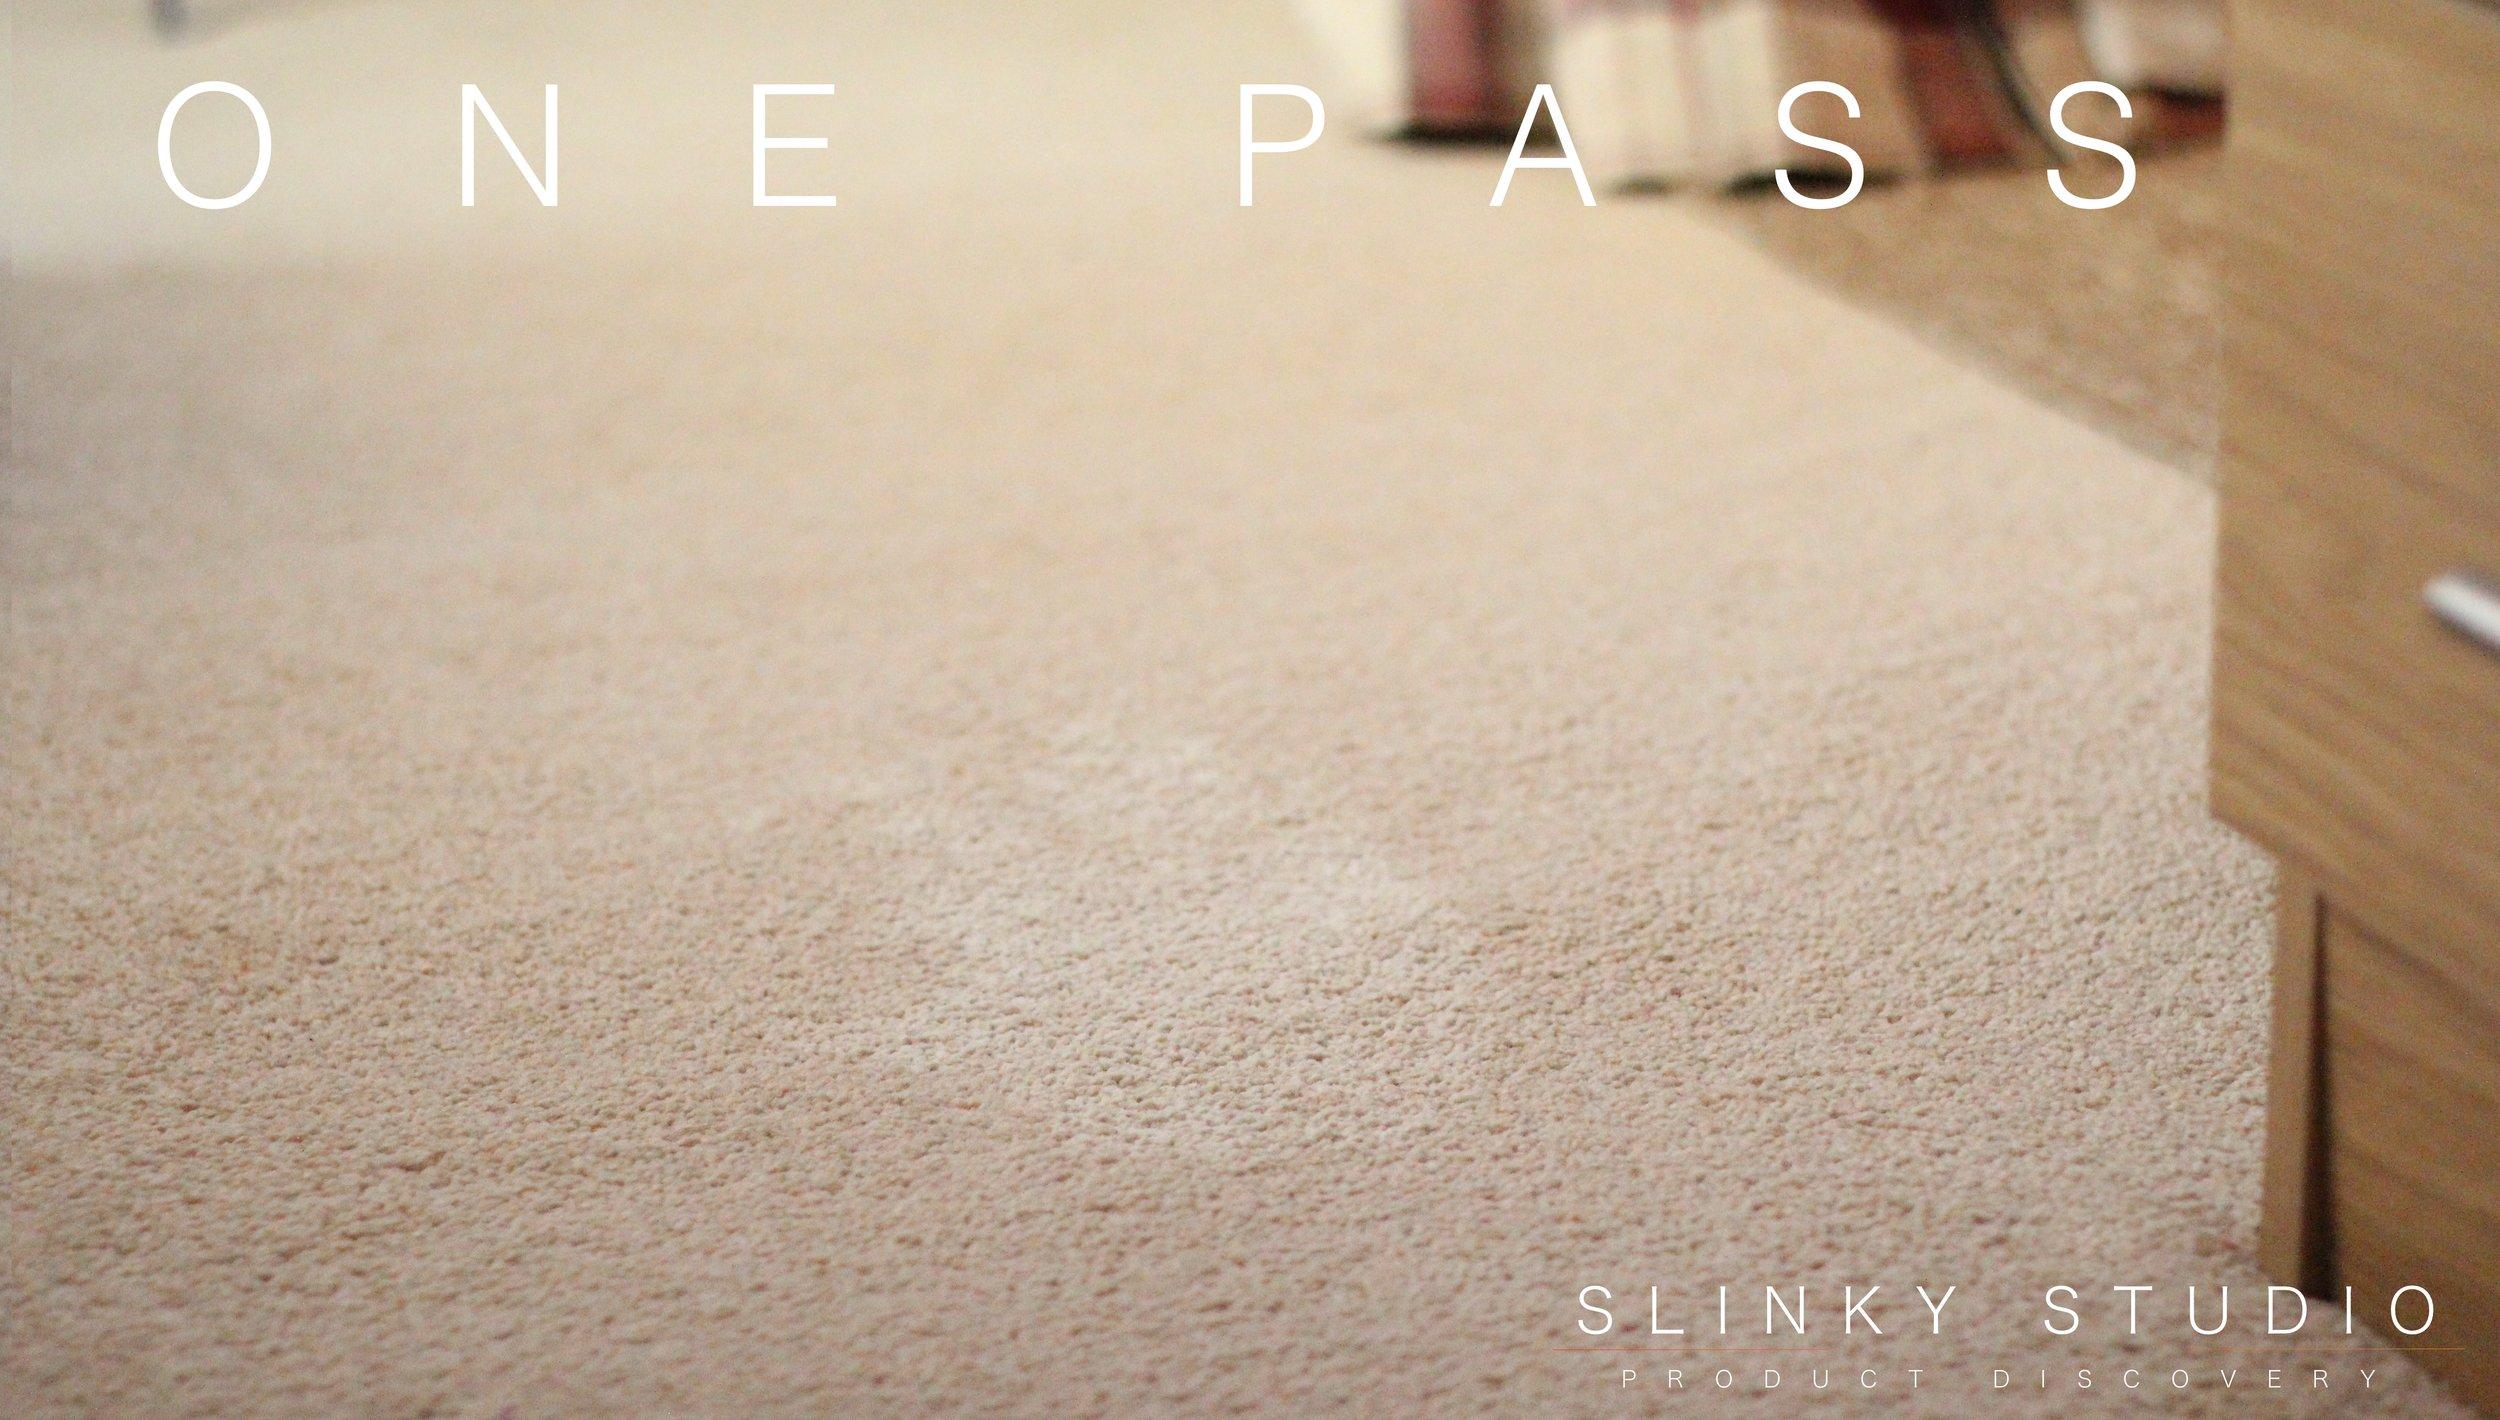 Beko Cordless Handheld & Upright Deluxe VRT6221P Cleaner Carpet Flour Test One Pass.jpg